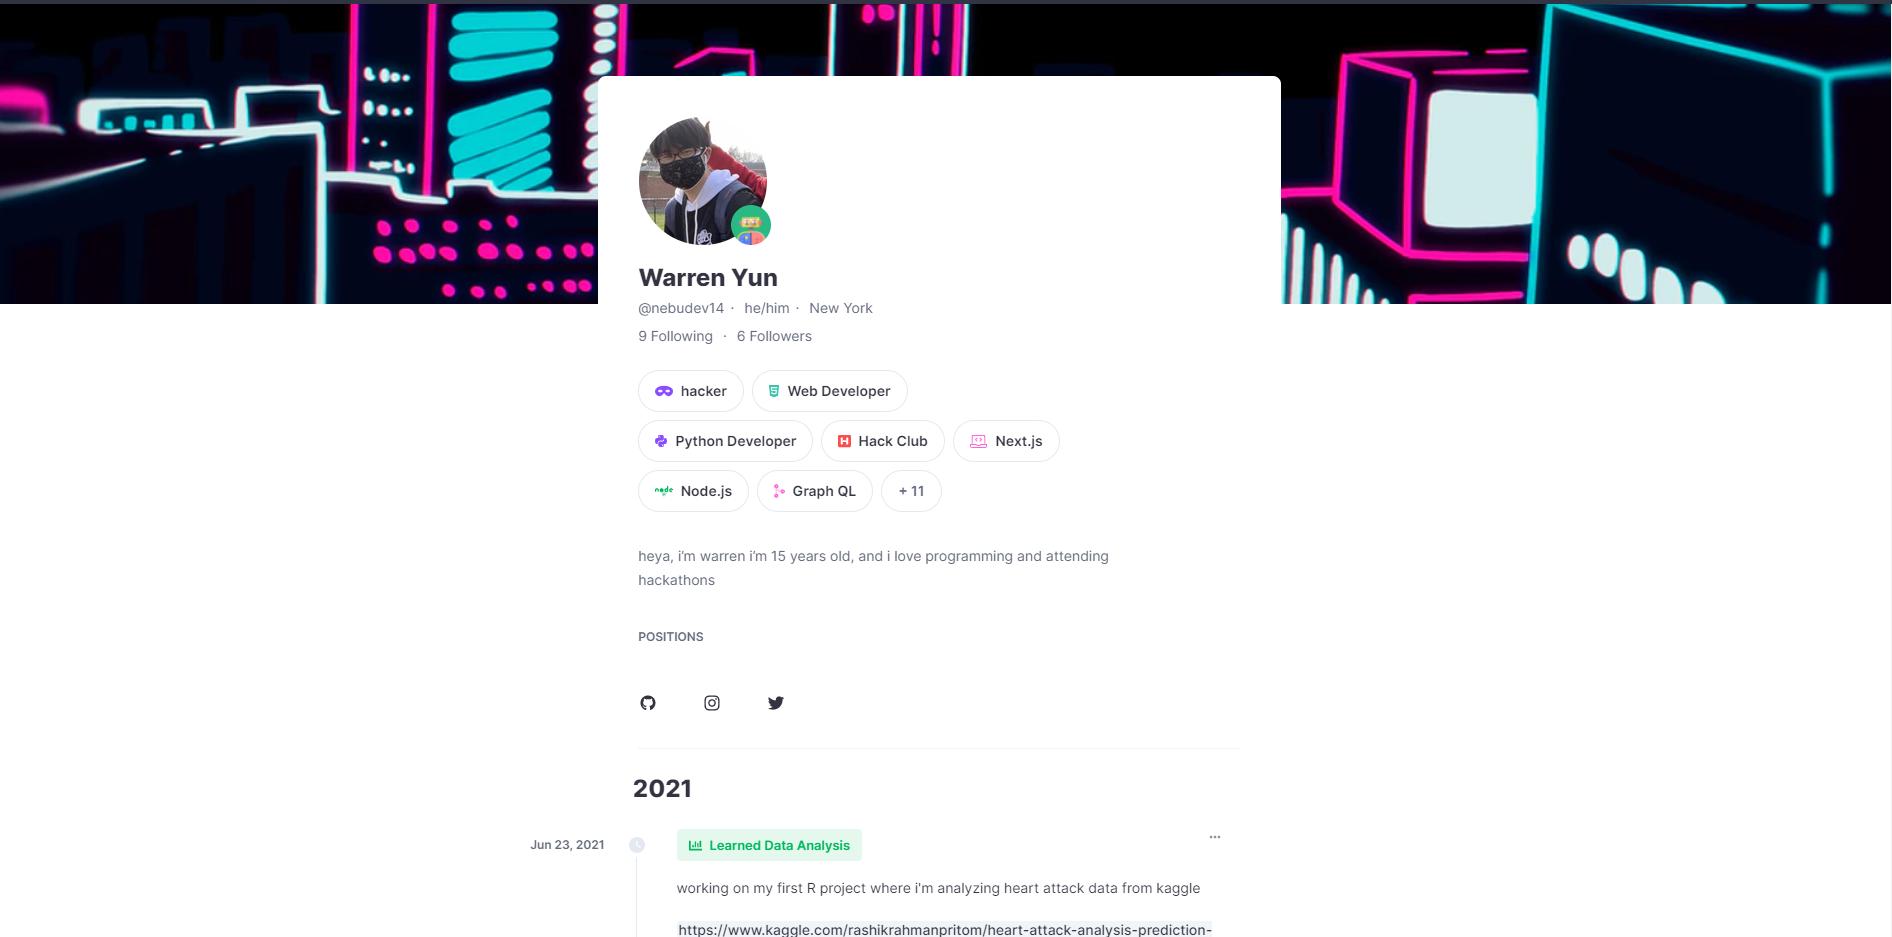 https://cloud-mrwoag22u-hack-club-bot.vercel.app/0image.png